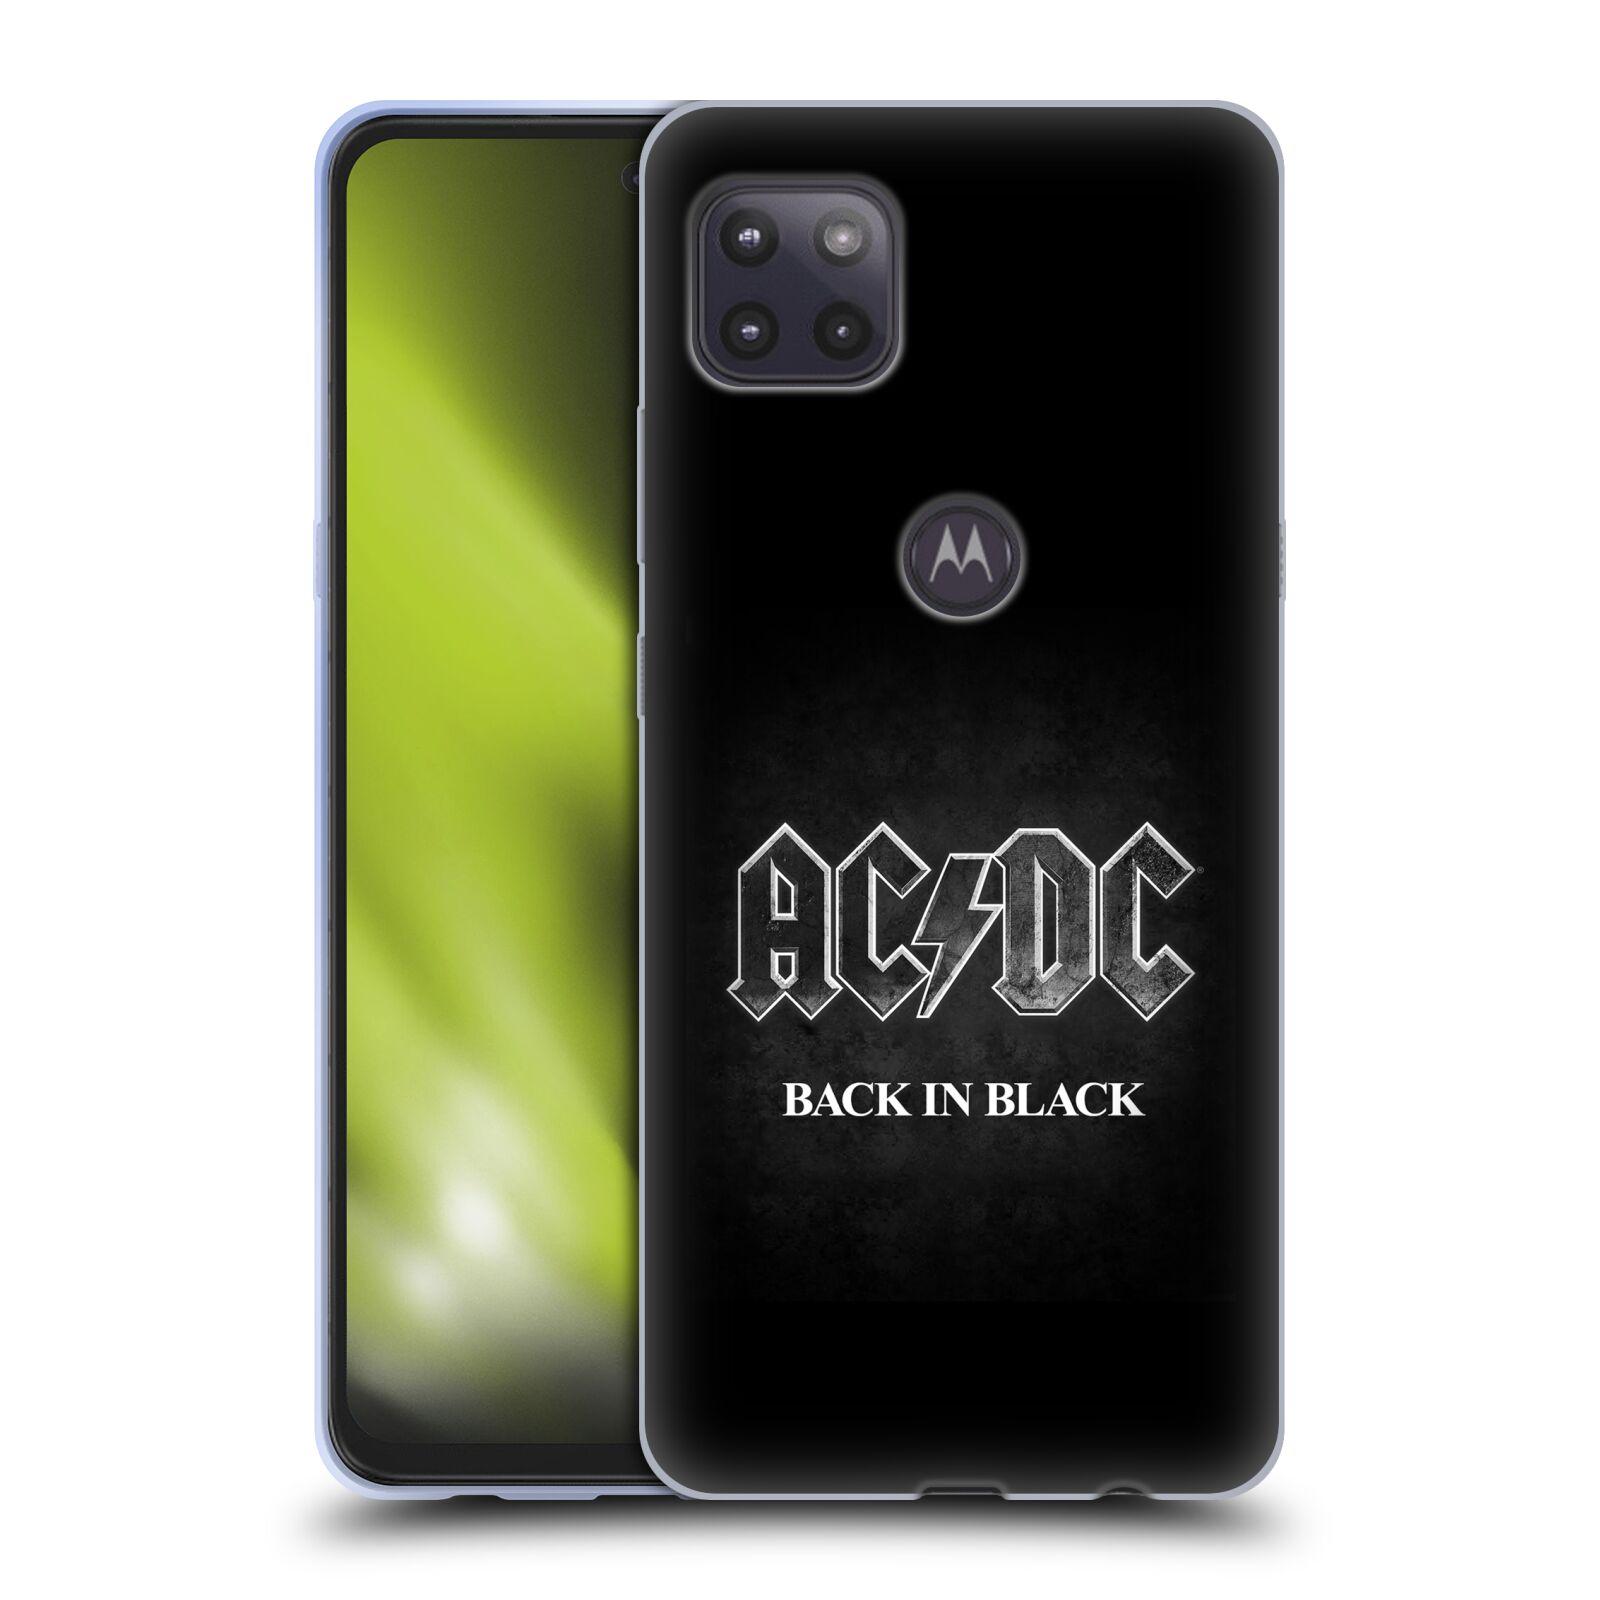 Silikonové pouzdro na mobil Motorola Moto G 5G - Head Case - AC/DC BACK IN BLACK